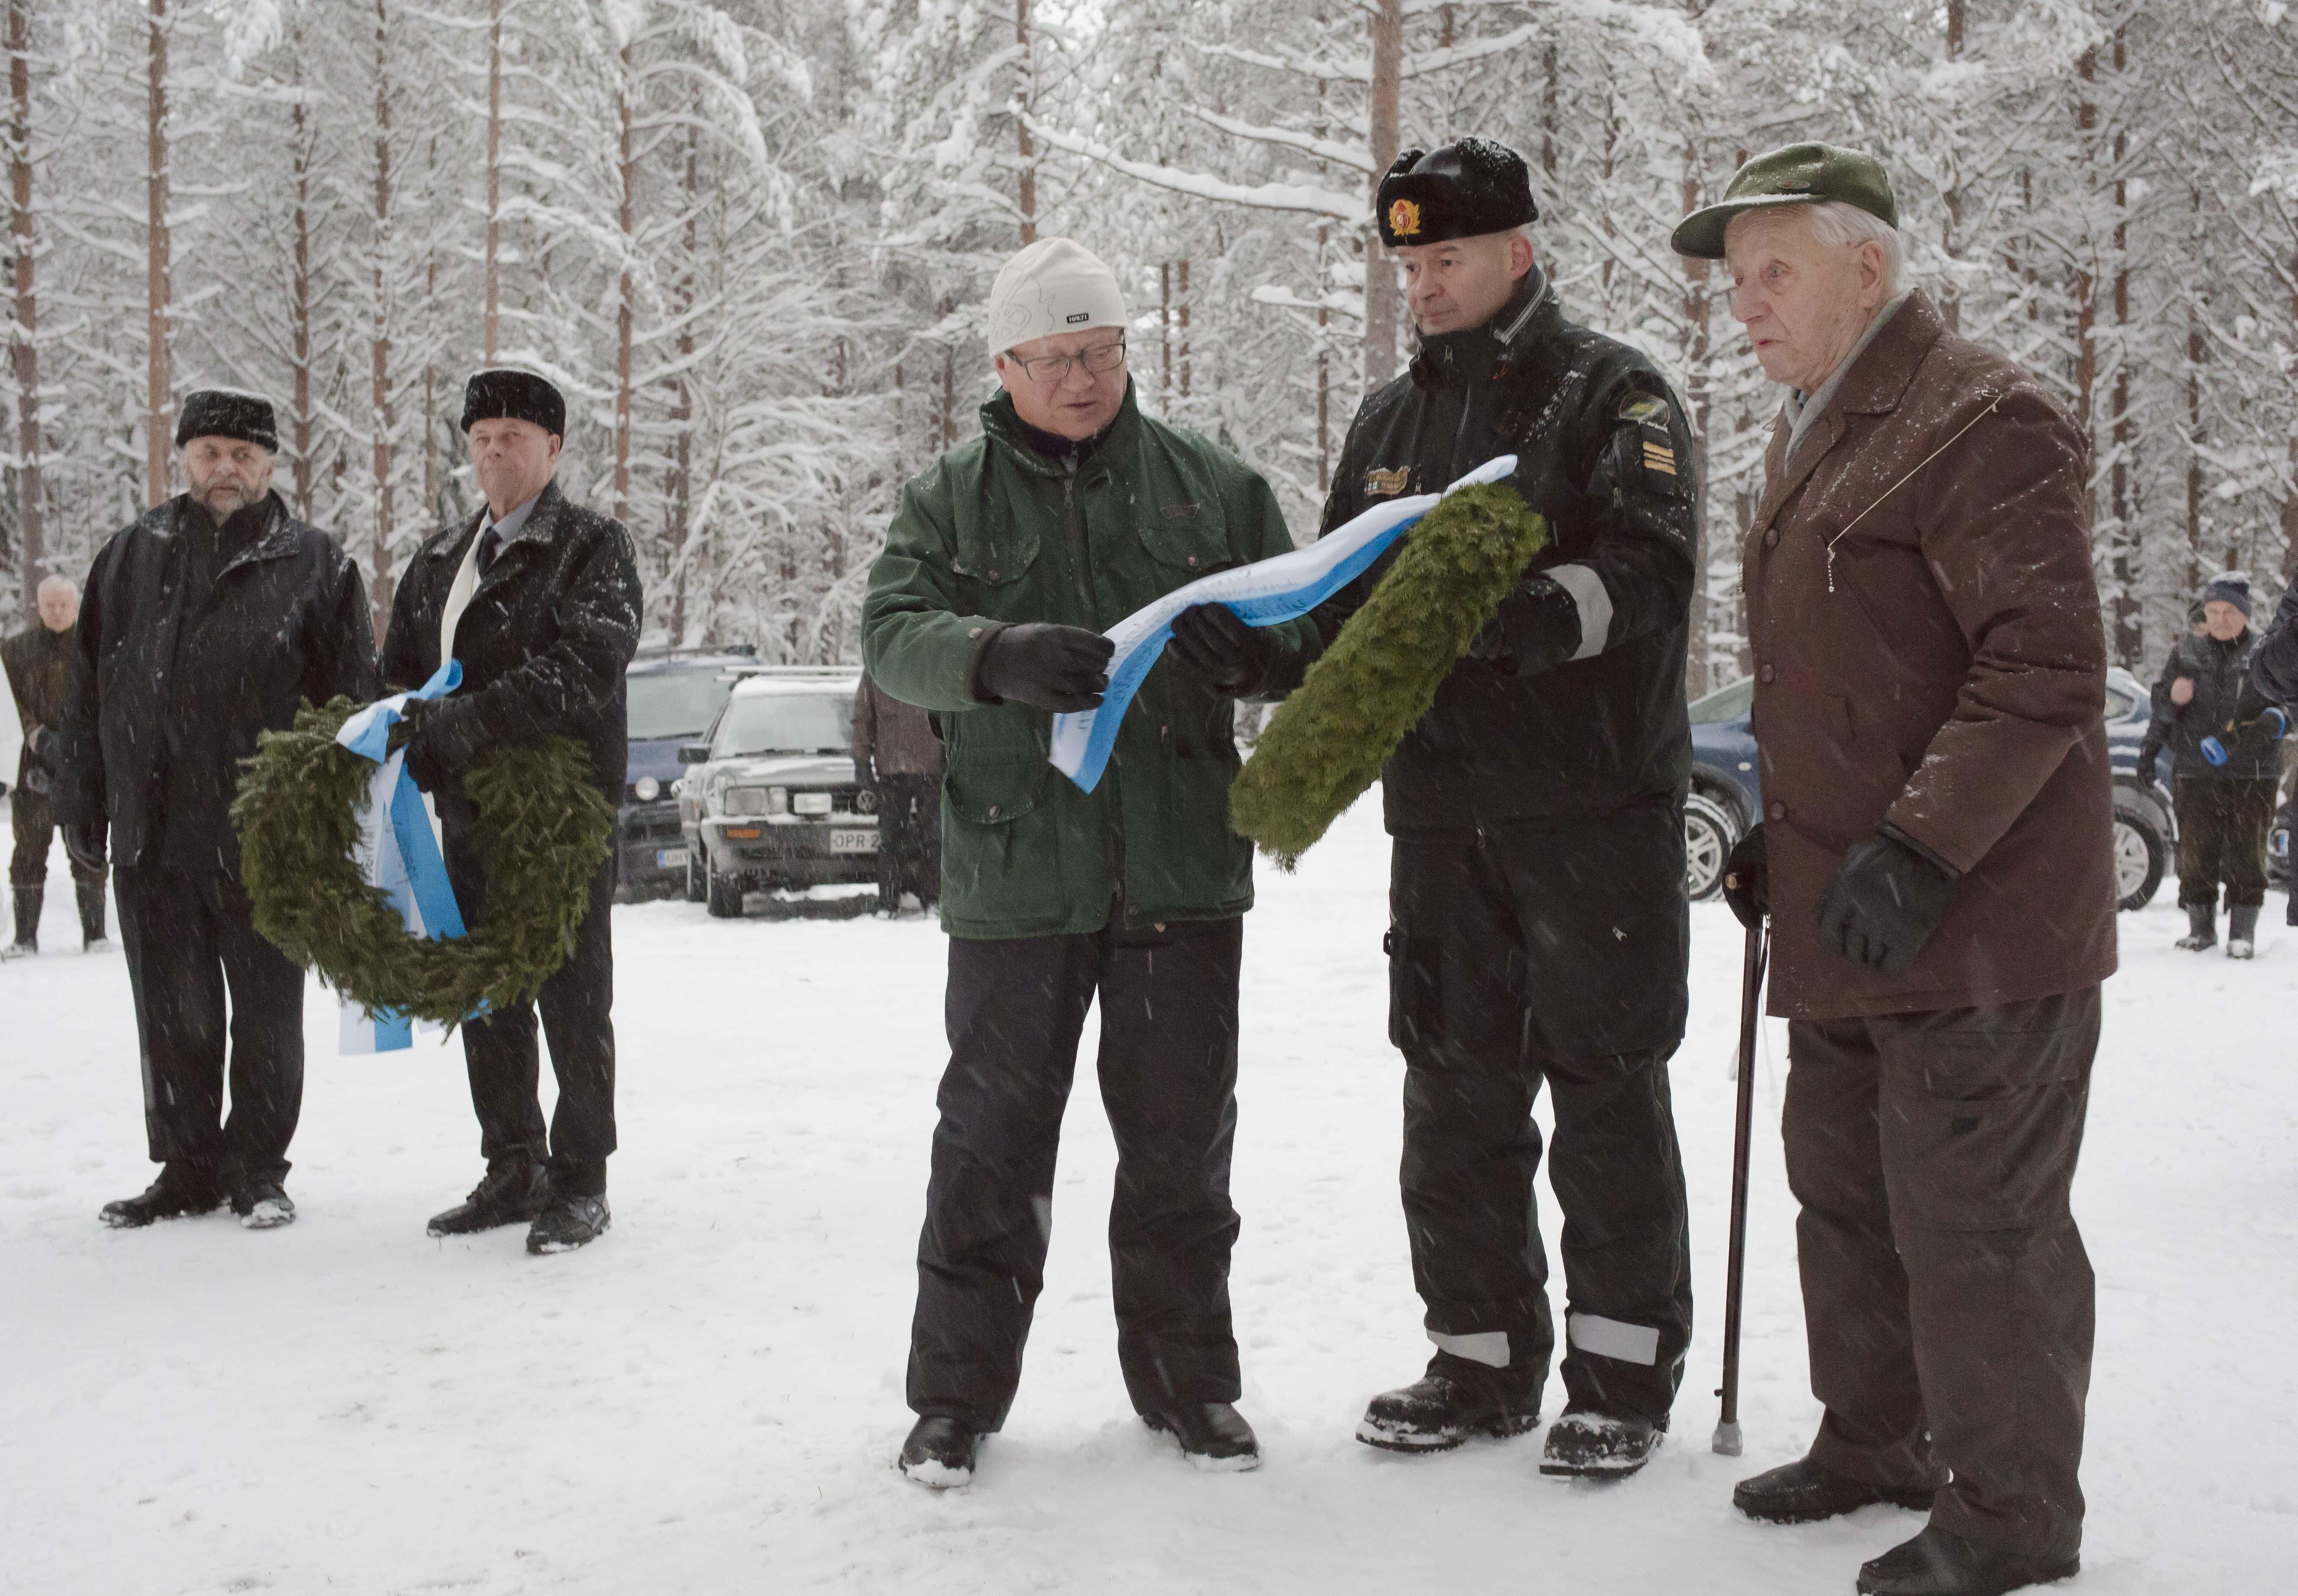 Seppeleet laskivat Reino Salmi, Riku Salmi sekä Lieksan sotaveteraanien puheenjohtaja Seppo Pulkkinen, Lieksan Rajavartioaseman päällikkö kapteeni Markku Hassinen sekä veteraani Viljo Keronen. Kuva Ari Komulainen.